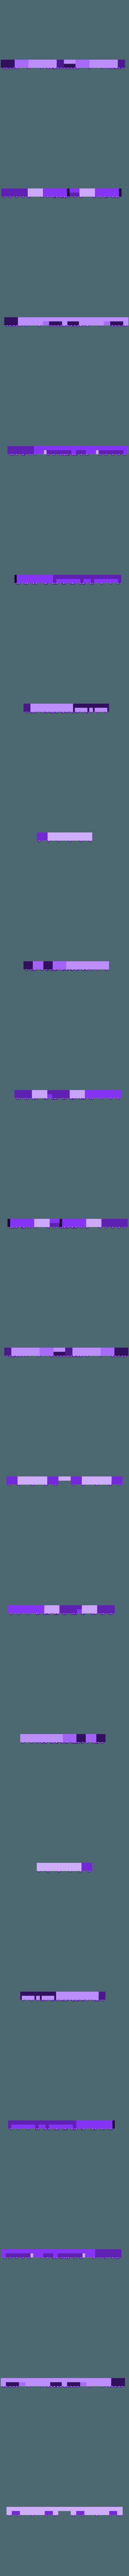 side_shor.stl Télécharger fichier STL gratuit Warhammer 40K - wagon gargo général - échelle HO (1:87) • Modèle pour impression 3D, nenchev